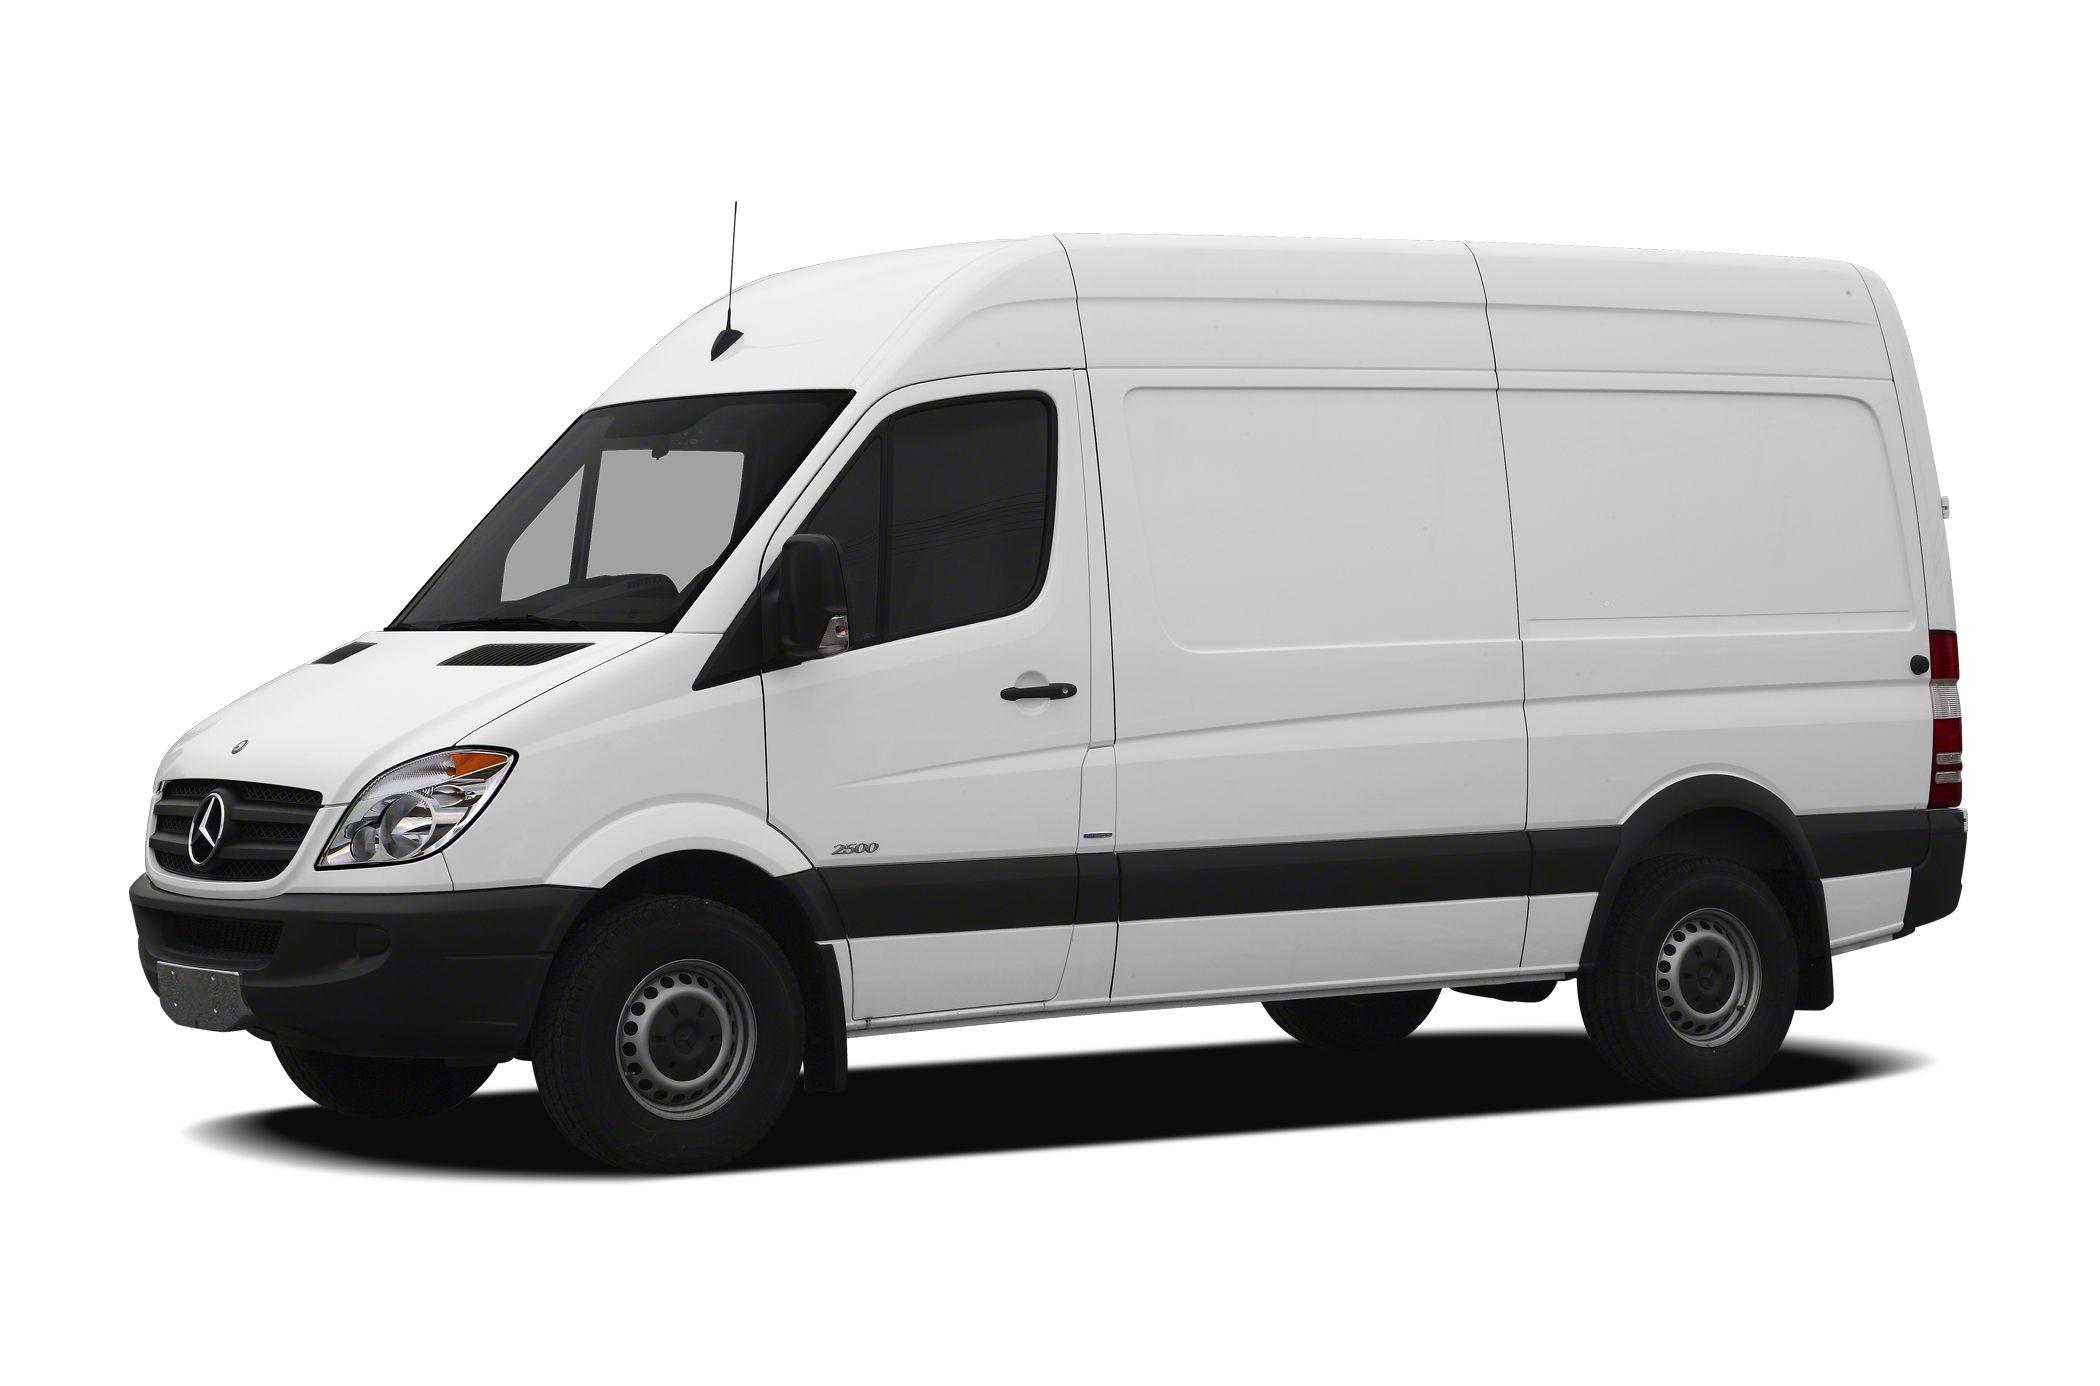 ce975c52766 High Roof Sprinter Van 2500 Cargo Van 170 in. WB 2010 Mercedes-Benz  Sprinter Van Specs